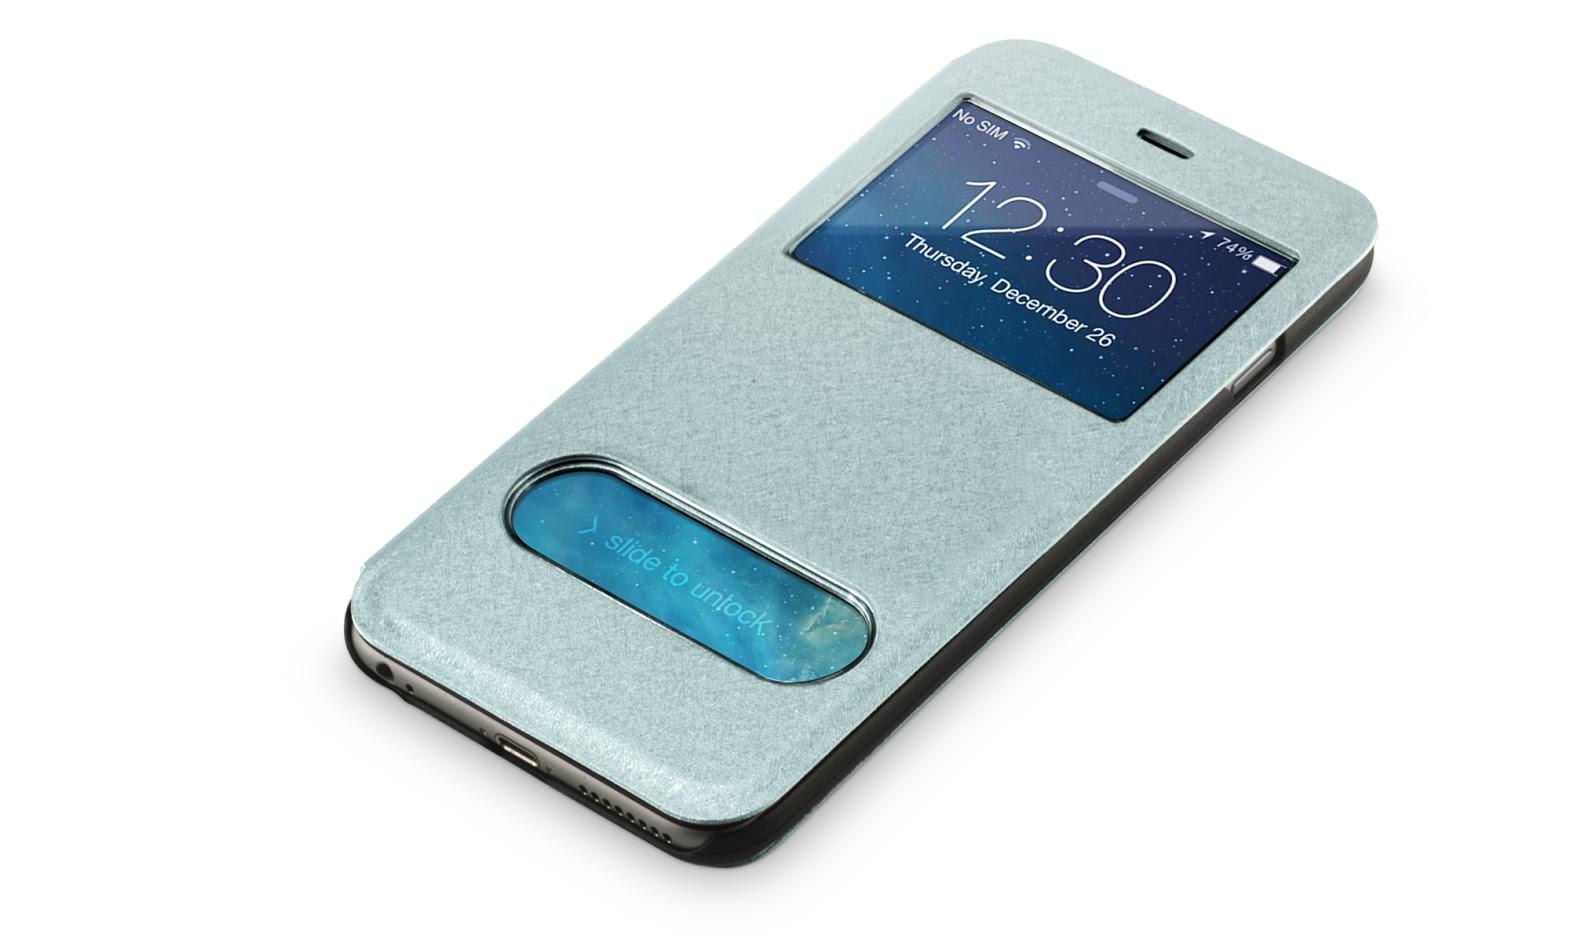 Beschermhoes met vensters iPhone 6-6s plus lichtblauw